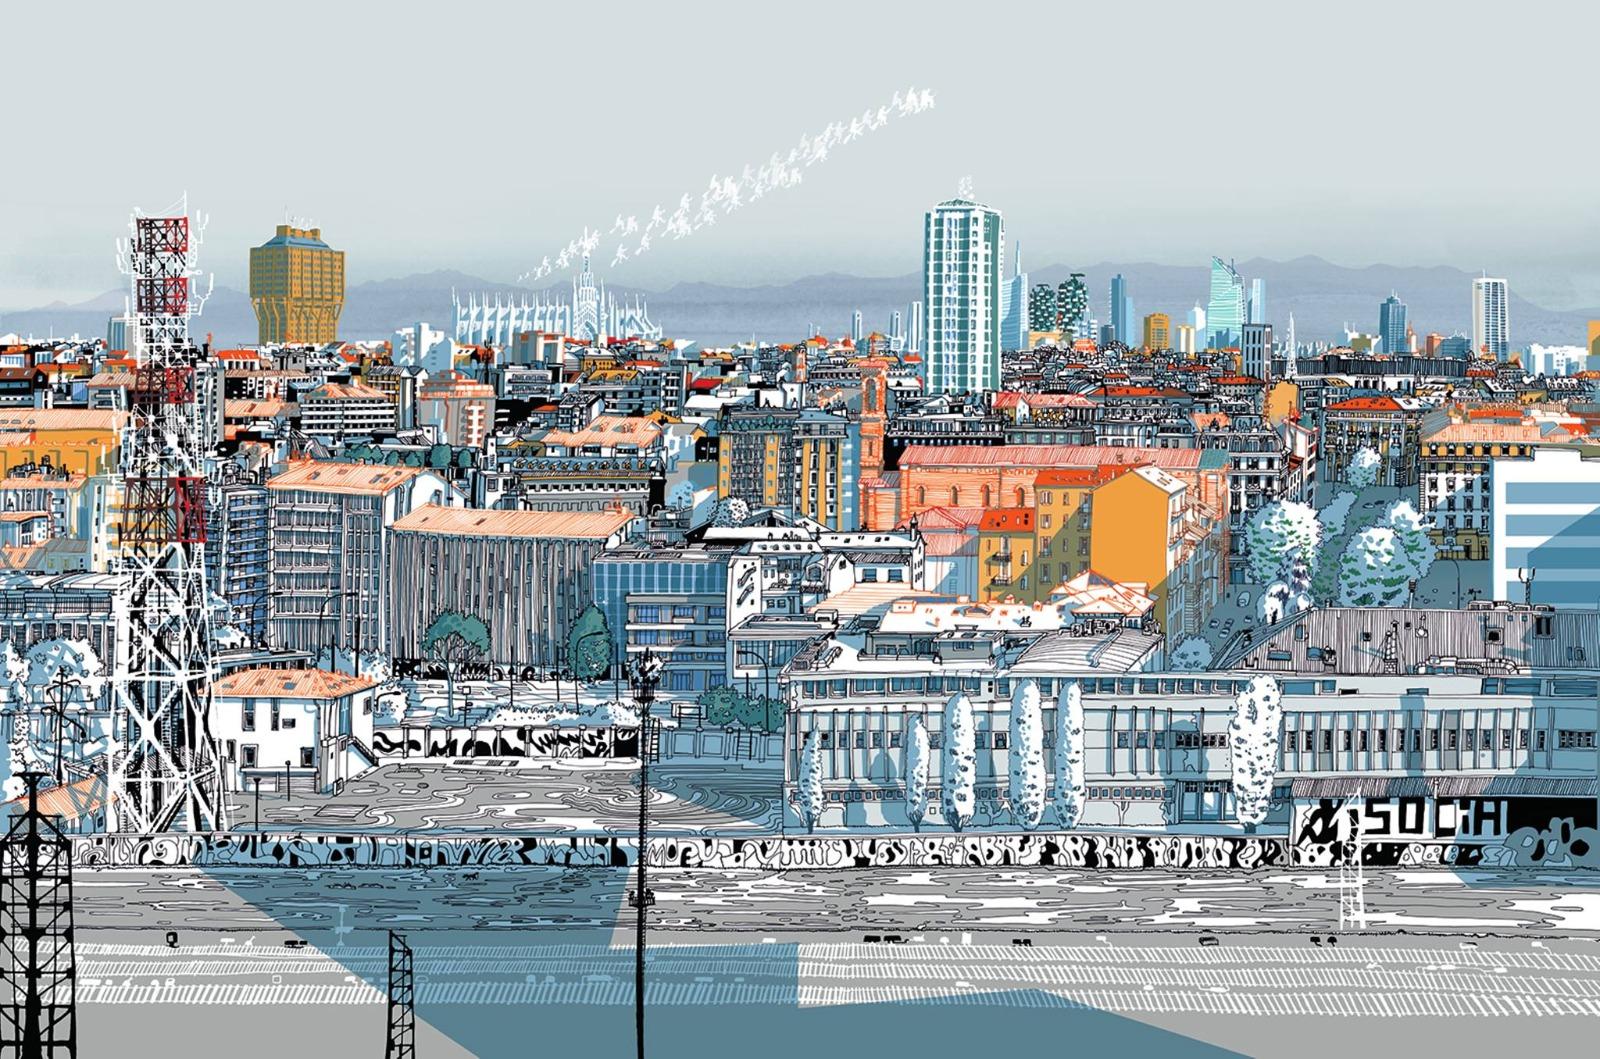 """""""Miracoli a Milano"""" dalla mostra personale di Carlo Stanga realizzata dall'Atelier Bonvini 1909 a Milano."""